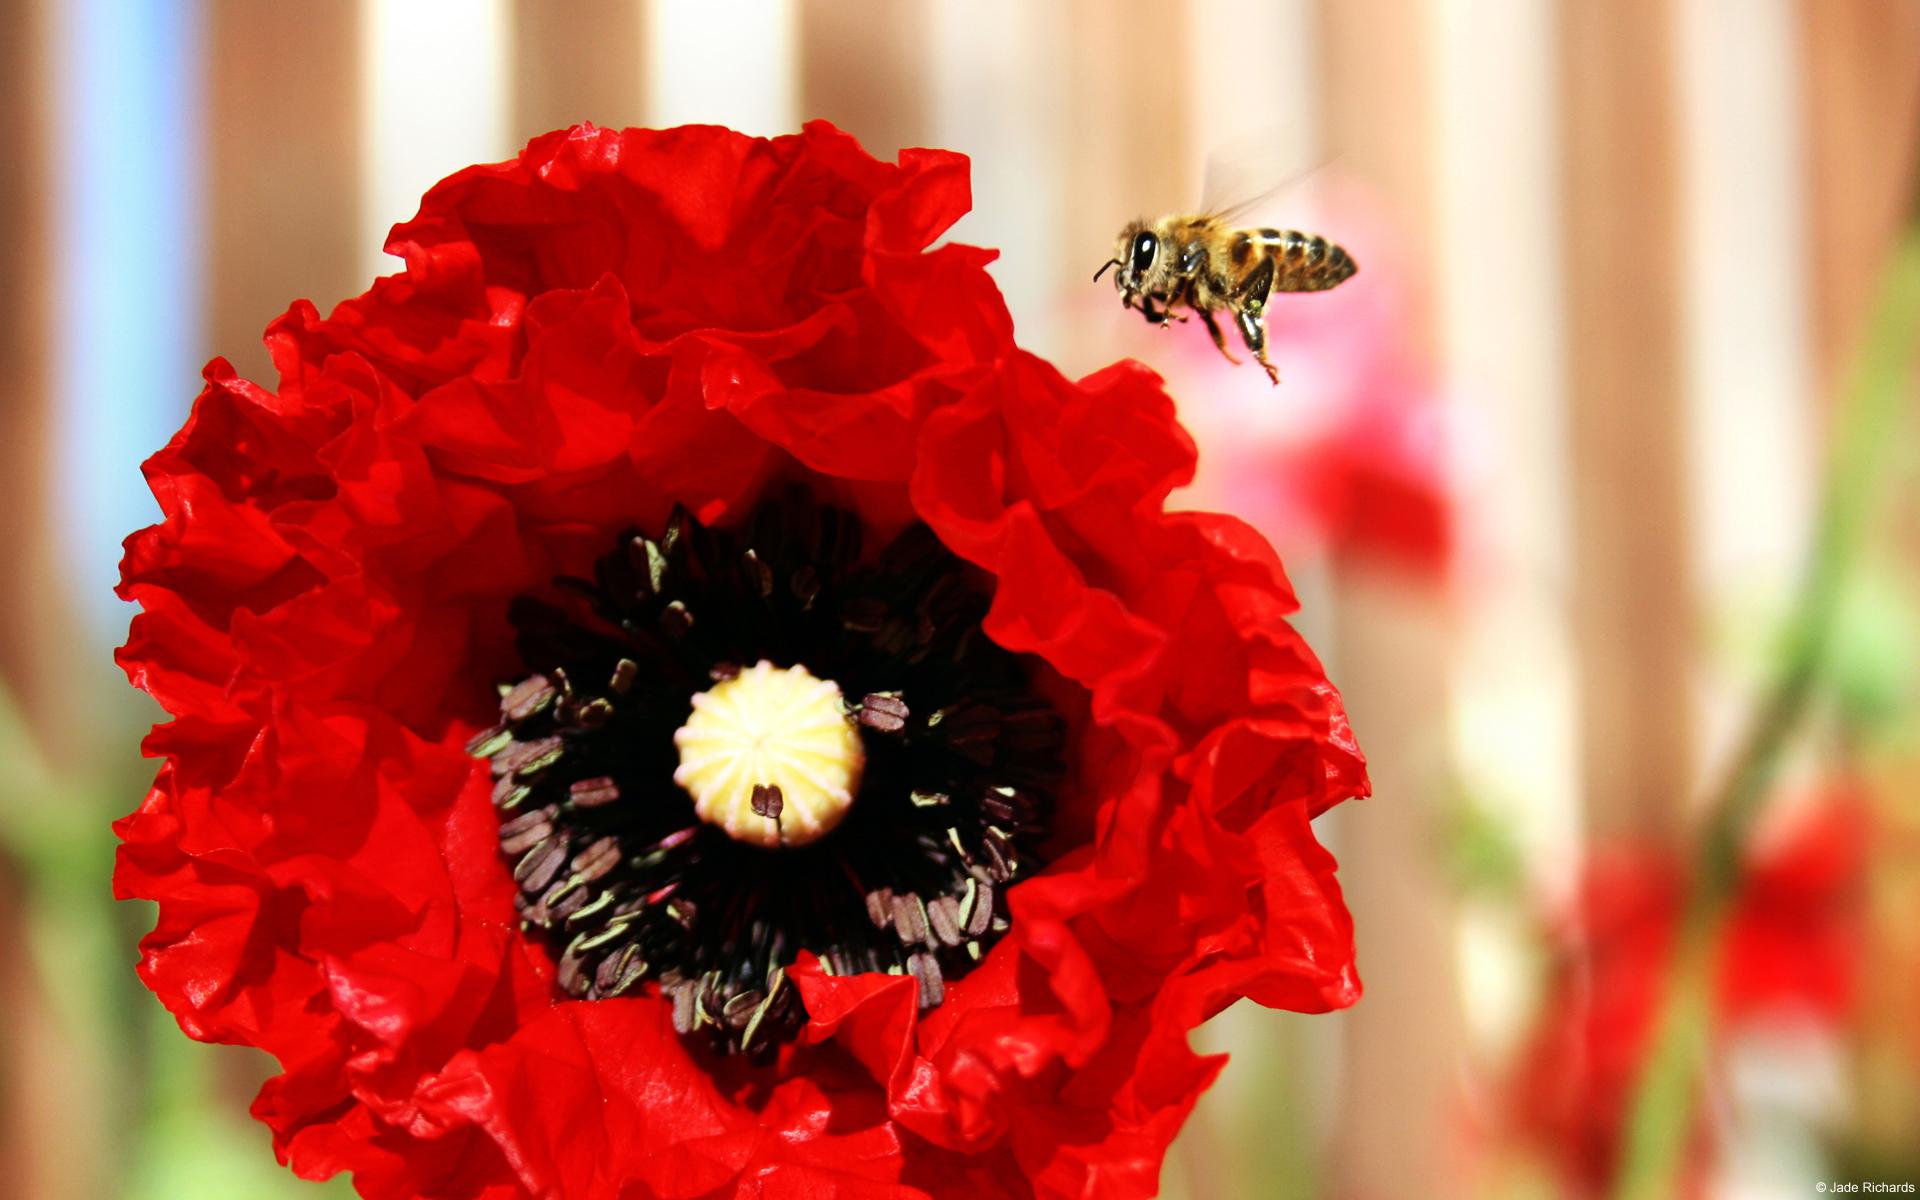 arrimage-en-cours-fonds-ecran-fleurs-HD-gratuits-de-qualite